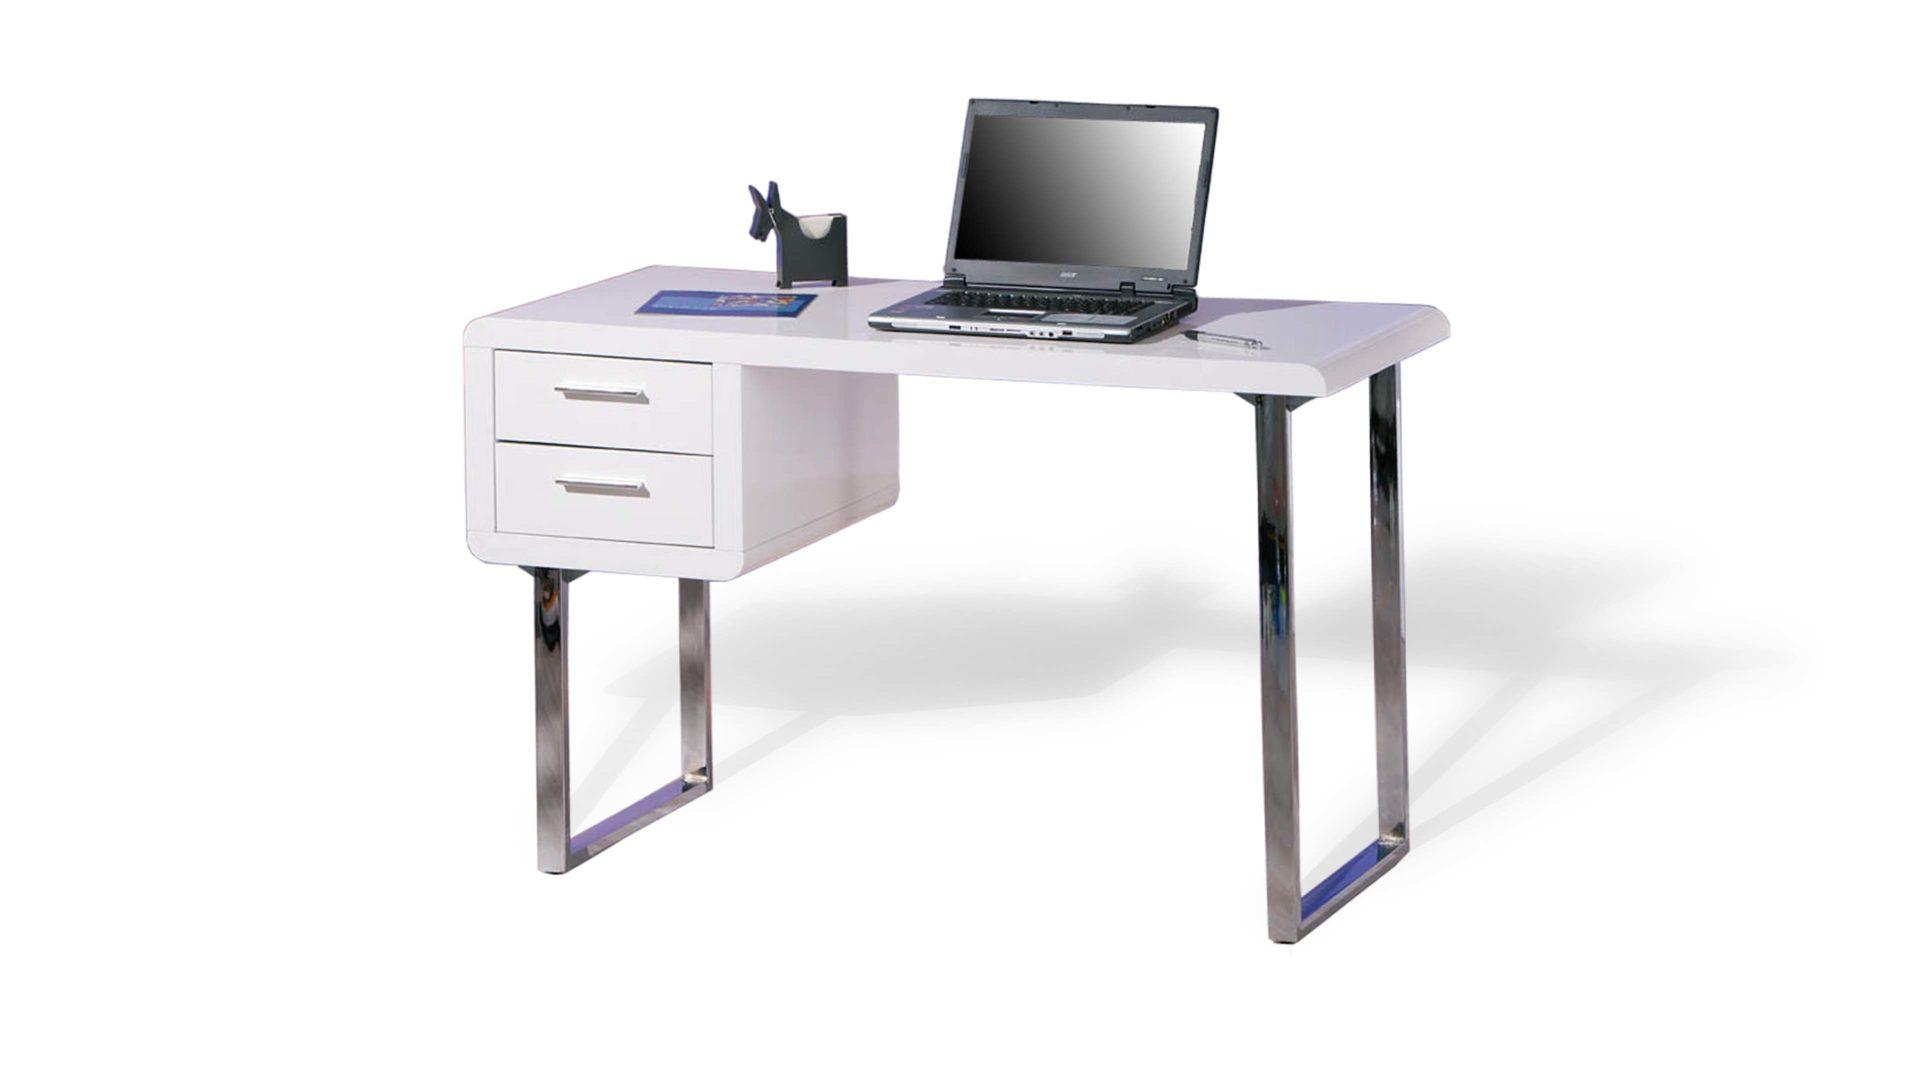 Schreibtisch Claude Ein Büromöbel Für Effizientes Arbeiten Weiße